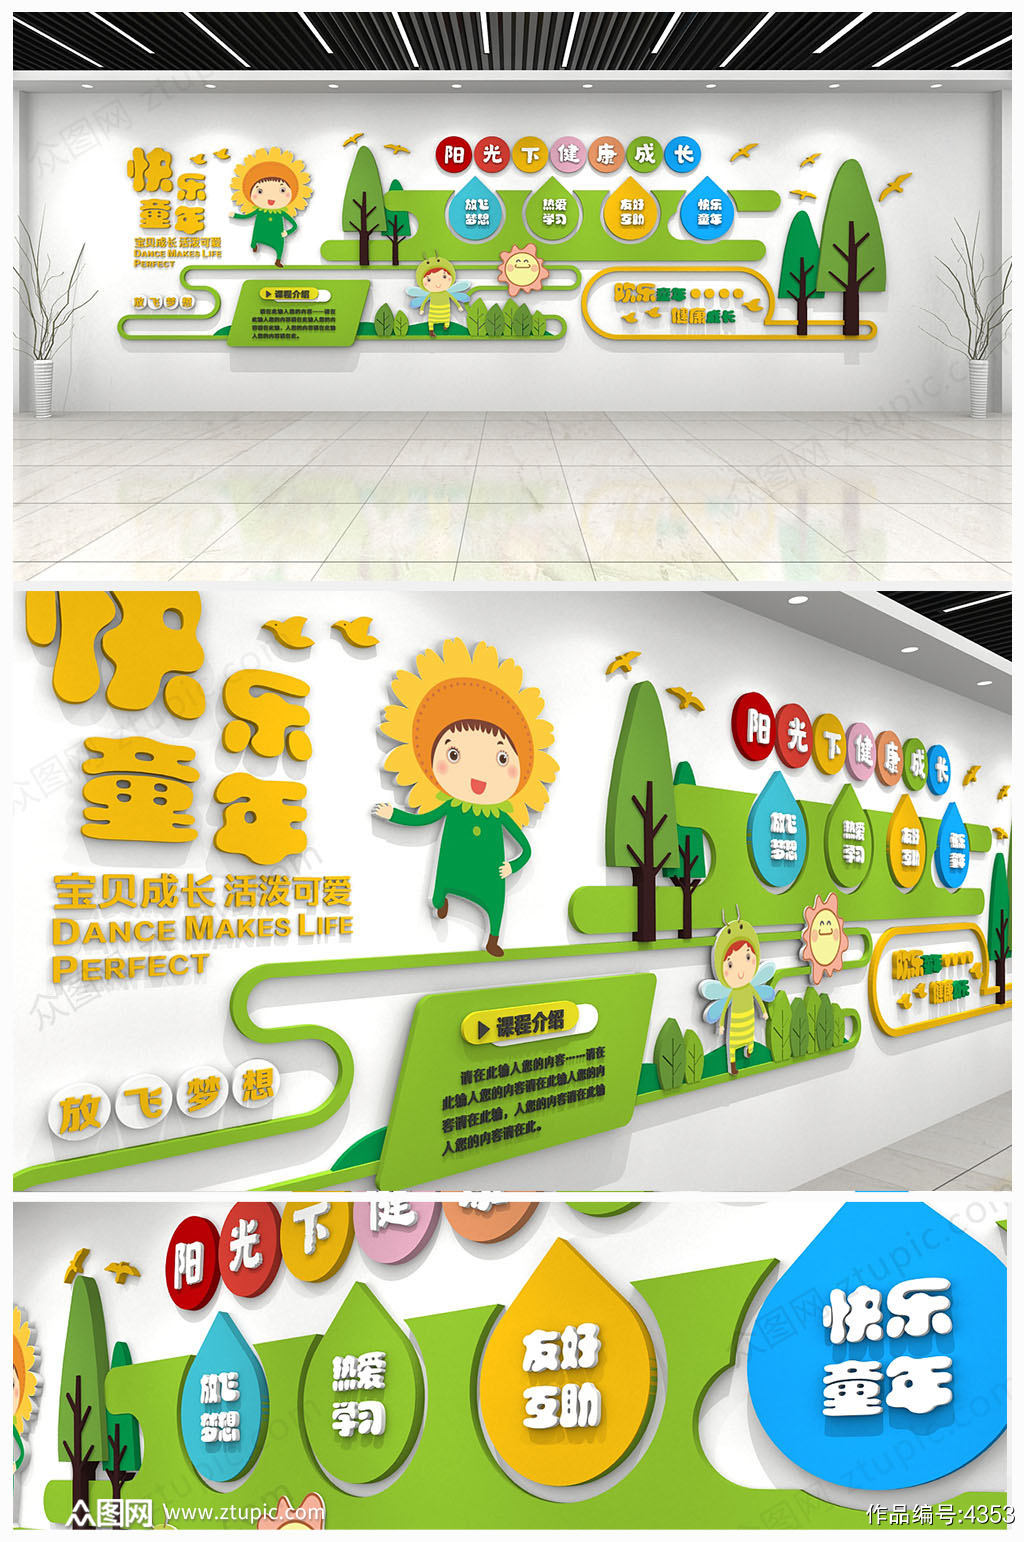 原创绿色校园文化幼儿园班级教室环创文化墙形象墙素材